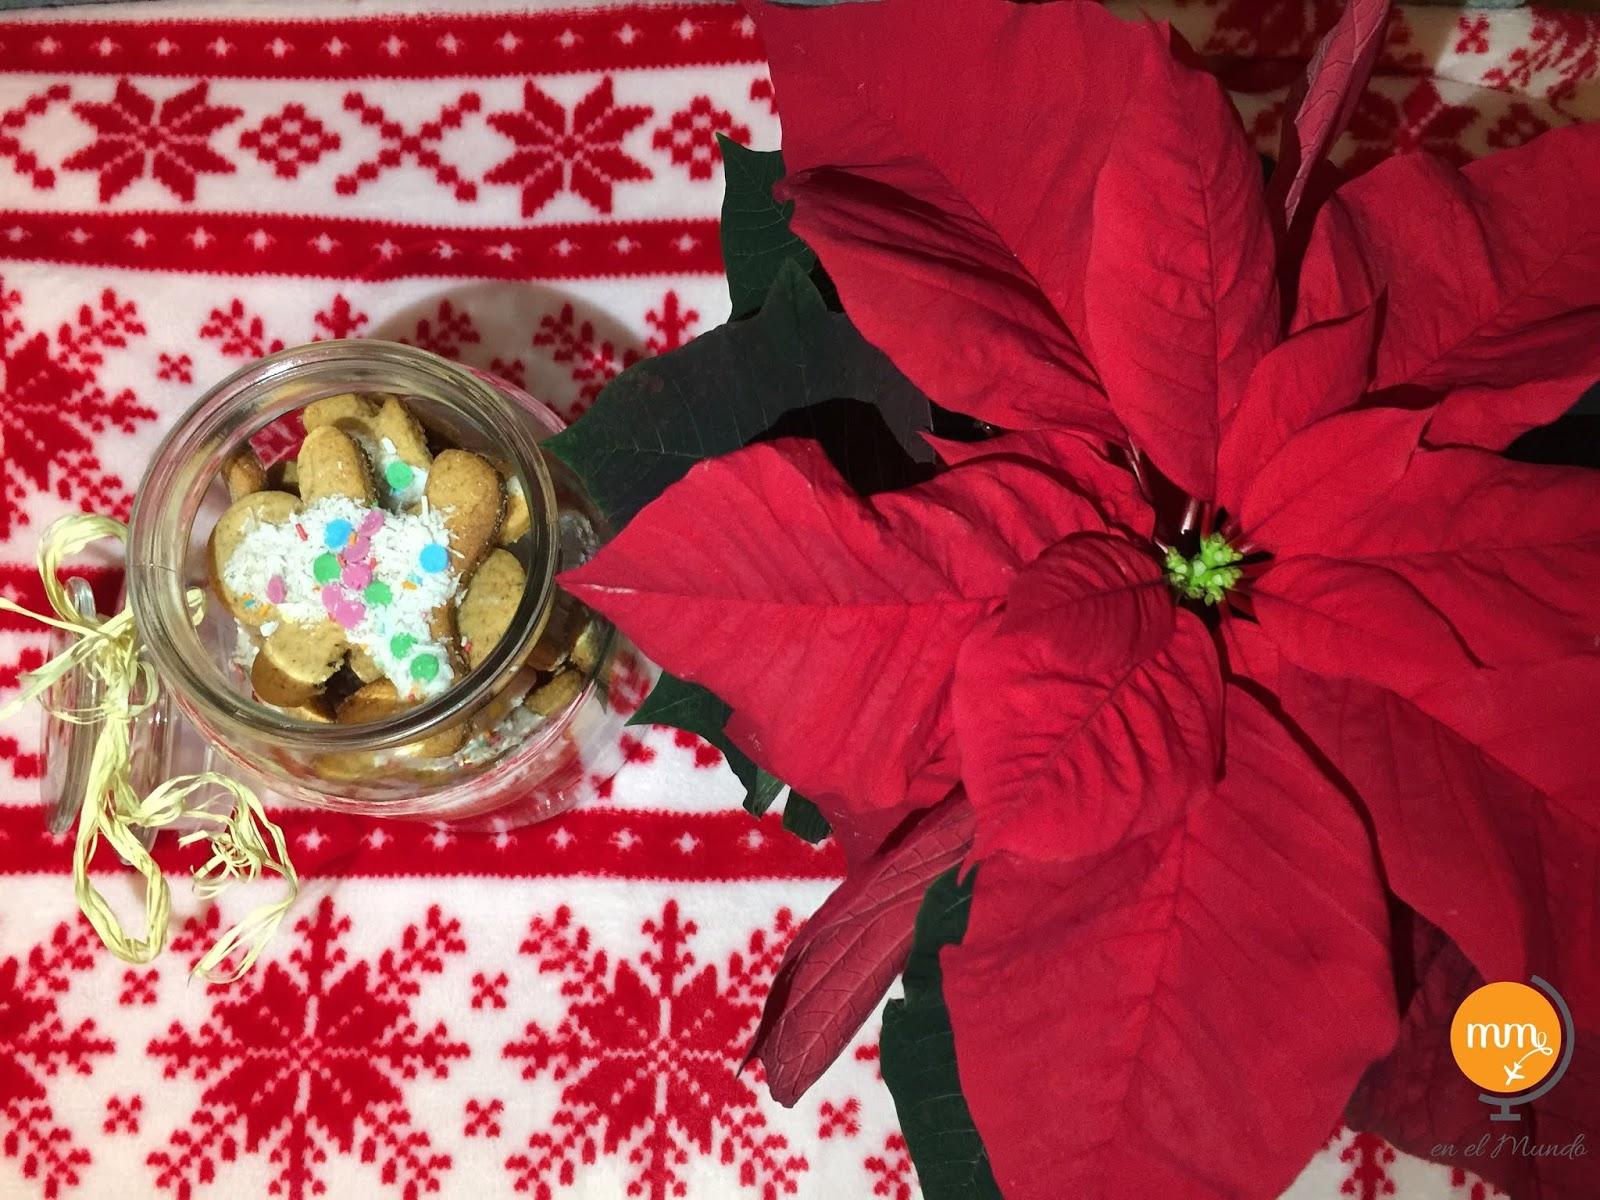 Gwiazda Betlejemska świąteczny symbol prosto z Meksyku!